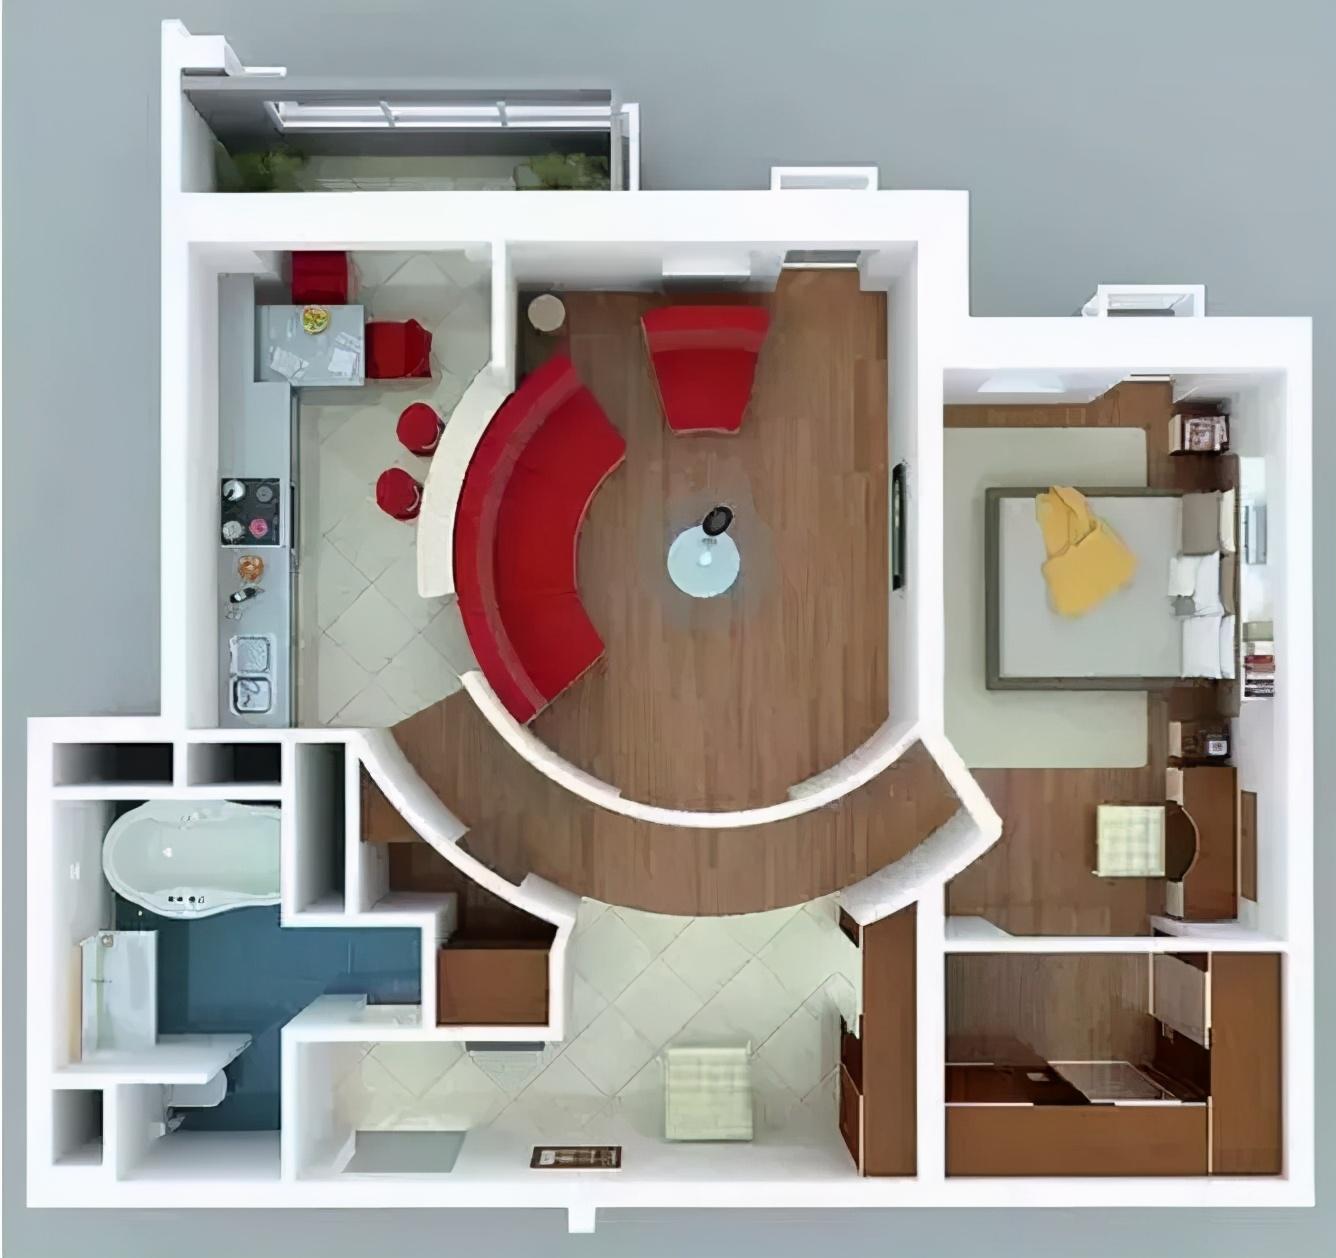 小戶型裝修有技巧!速速拿去參考,讓你家房子立馬大一倍